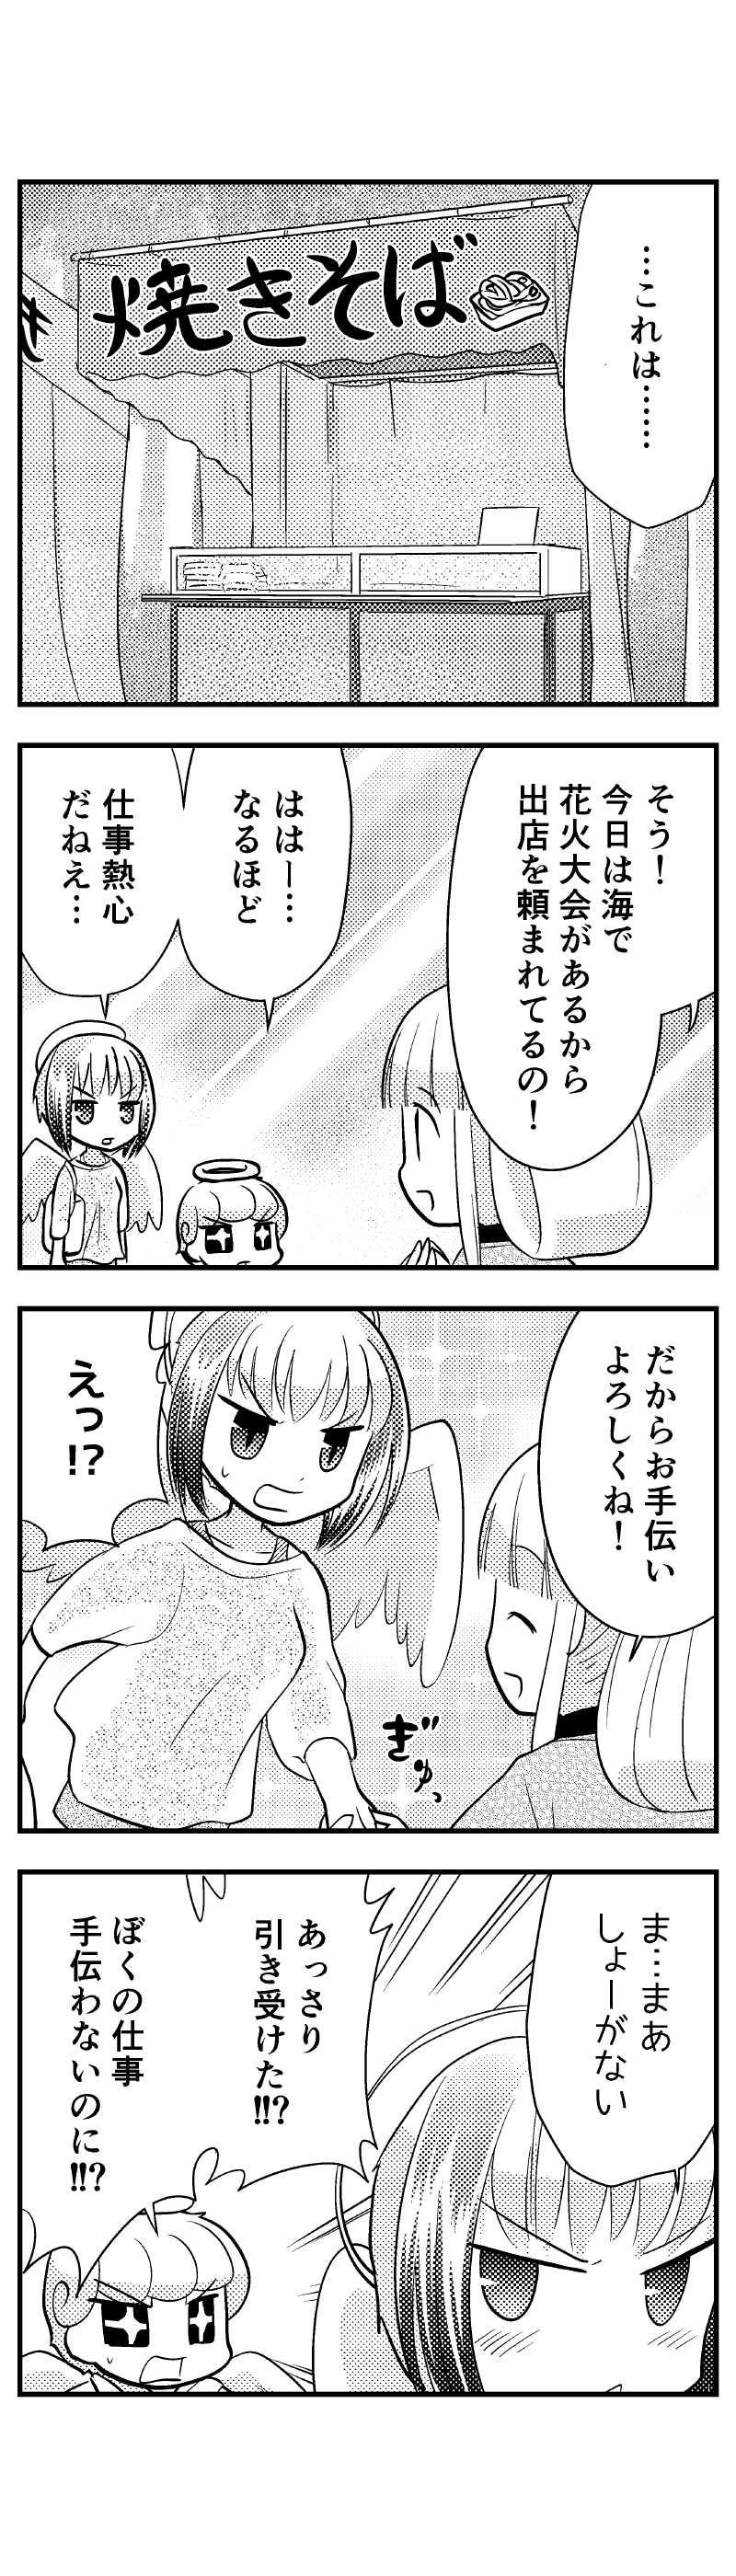 032 花火大会